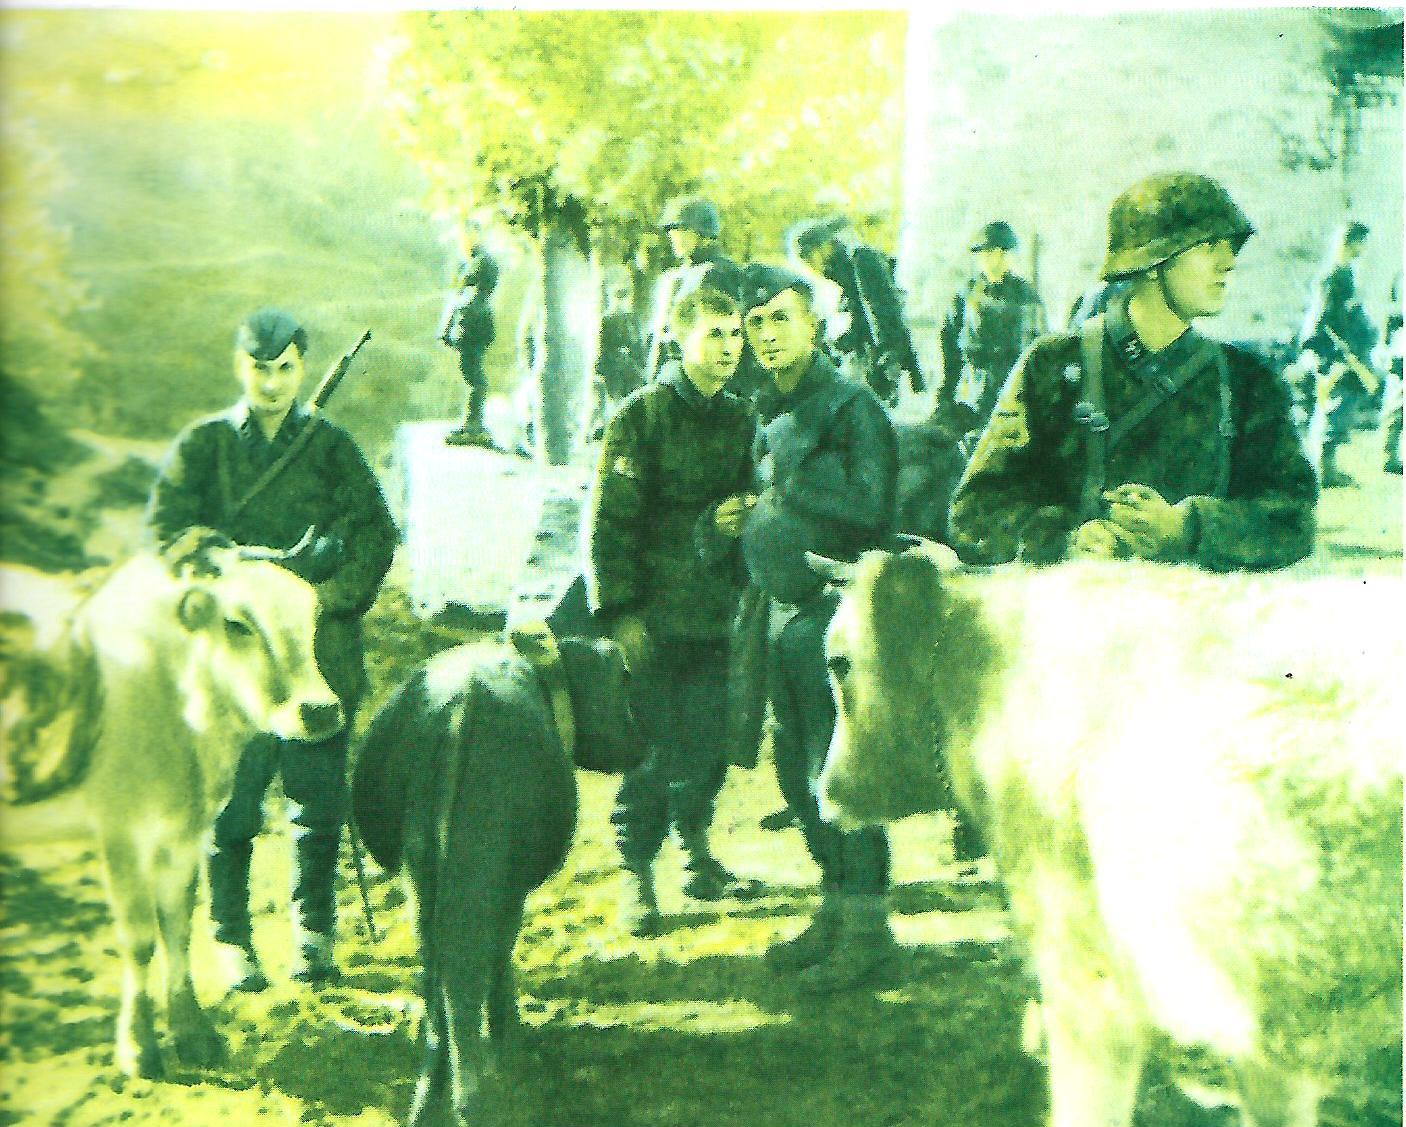 Πλιάτσικο-από-Γερμανούς-στρατιώτες-σε-κάποιο-χωριό-της-Θεσσαλίας.-Πηγή-Νίκος-Στουρνάρας-Μαγνησία-1941-44-Η-τραγωδία-της-κατοχής.